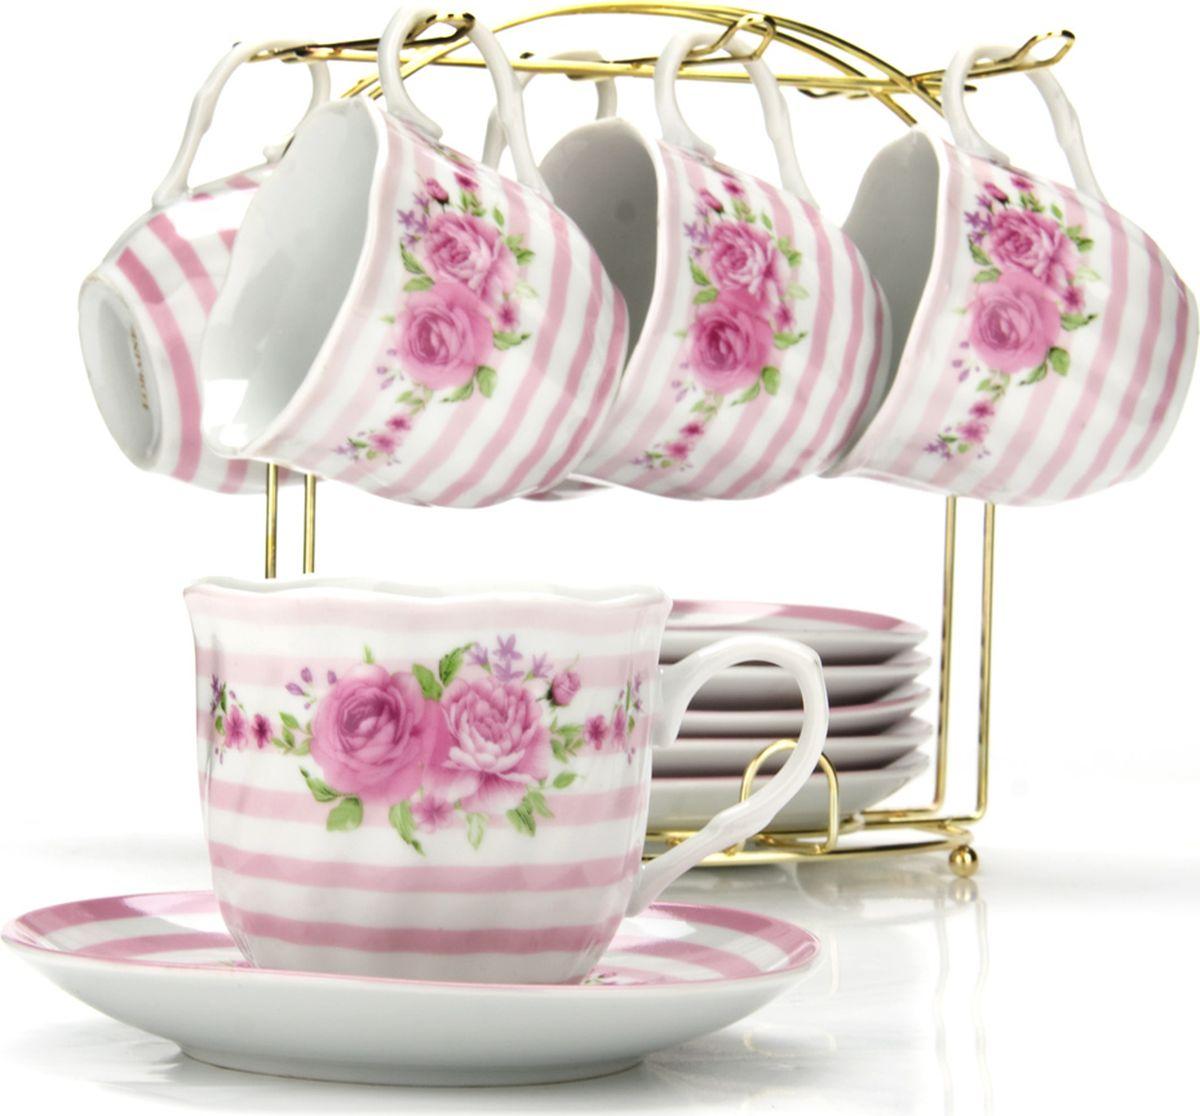 Сервиз чайный Loraine, на подставке, 13 предметов. 43281VT-1520(SR)Чайный набор состоит из шести чашек, шести блюдец и металлической подставки золотого цвета. Предметы набора изготовлены из качественного фарфора и оформлены красочным цветным рисунком, стенки чашек имеют изящную волнистую поверхность. Чайный набор идеально подойдет для сервировки стола и станет отличным подарком к любому празднику. Все изделия можно компактно хранить на подставке, входящей в набор. Подходит для мытья в посудомоечной машине.Диаметр чашки: 8 см.Высота чашки: 7 см.Объем чашки: 200 мл.Диаметр блюдца: 13,5 см.